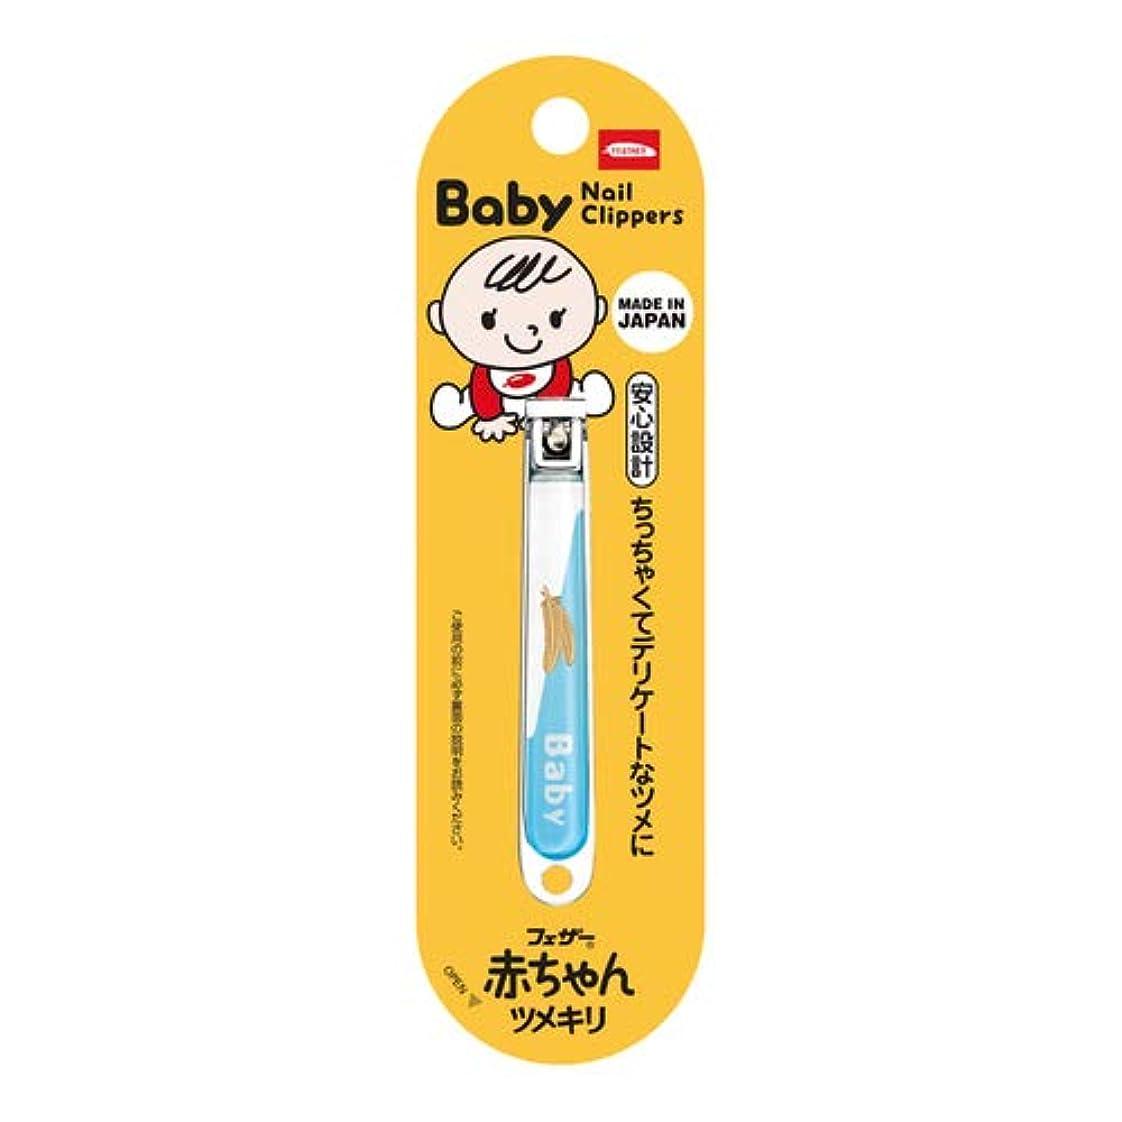 貼り直す馬力貼り直すフェザー安全剃刀 フェザー赤ちゃんツメキリ 1個 爪切り